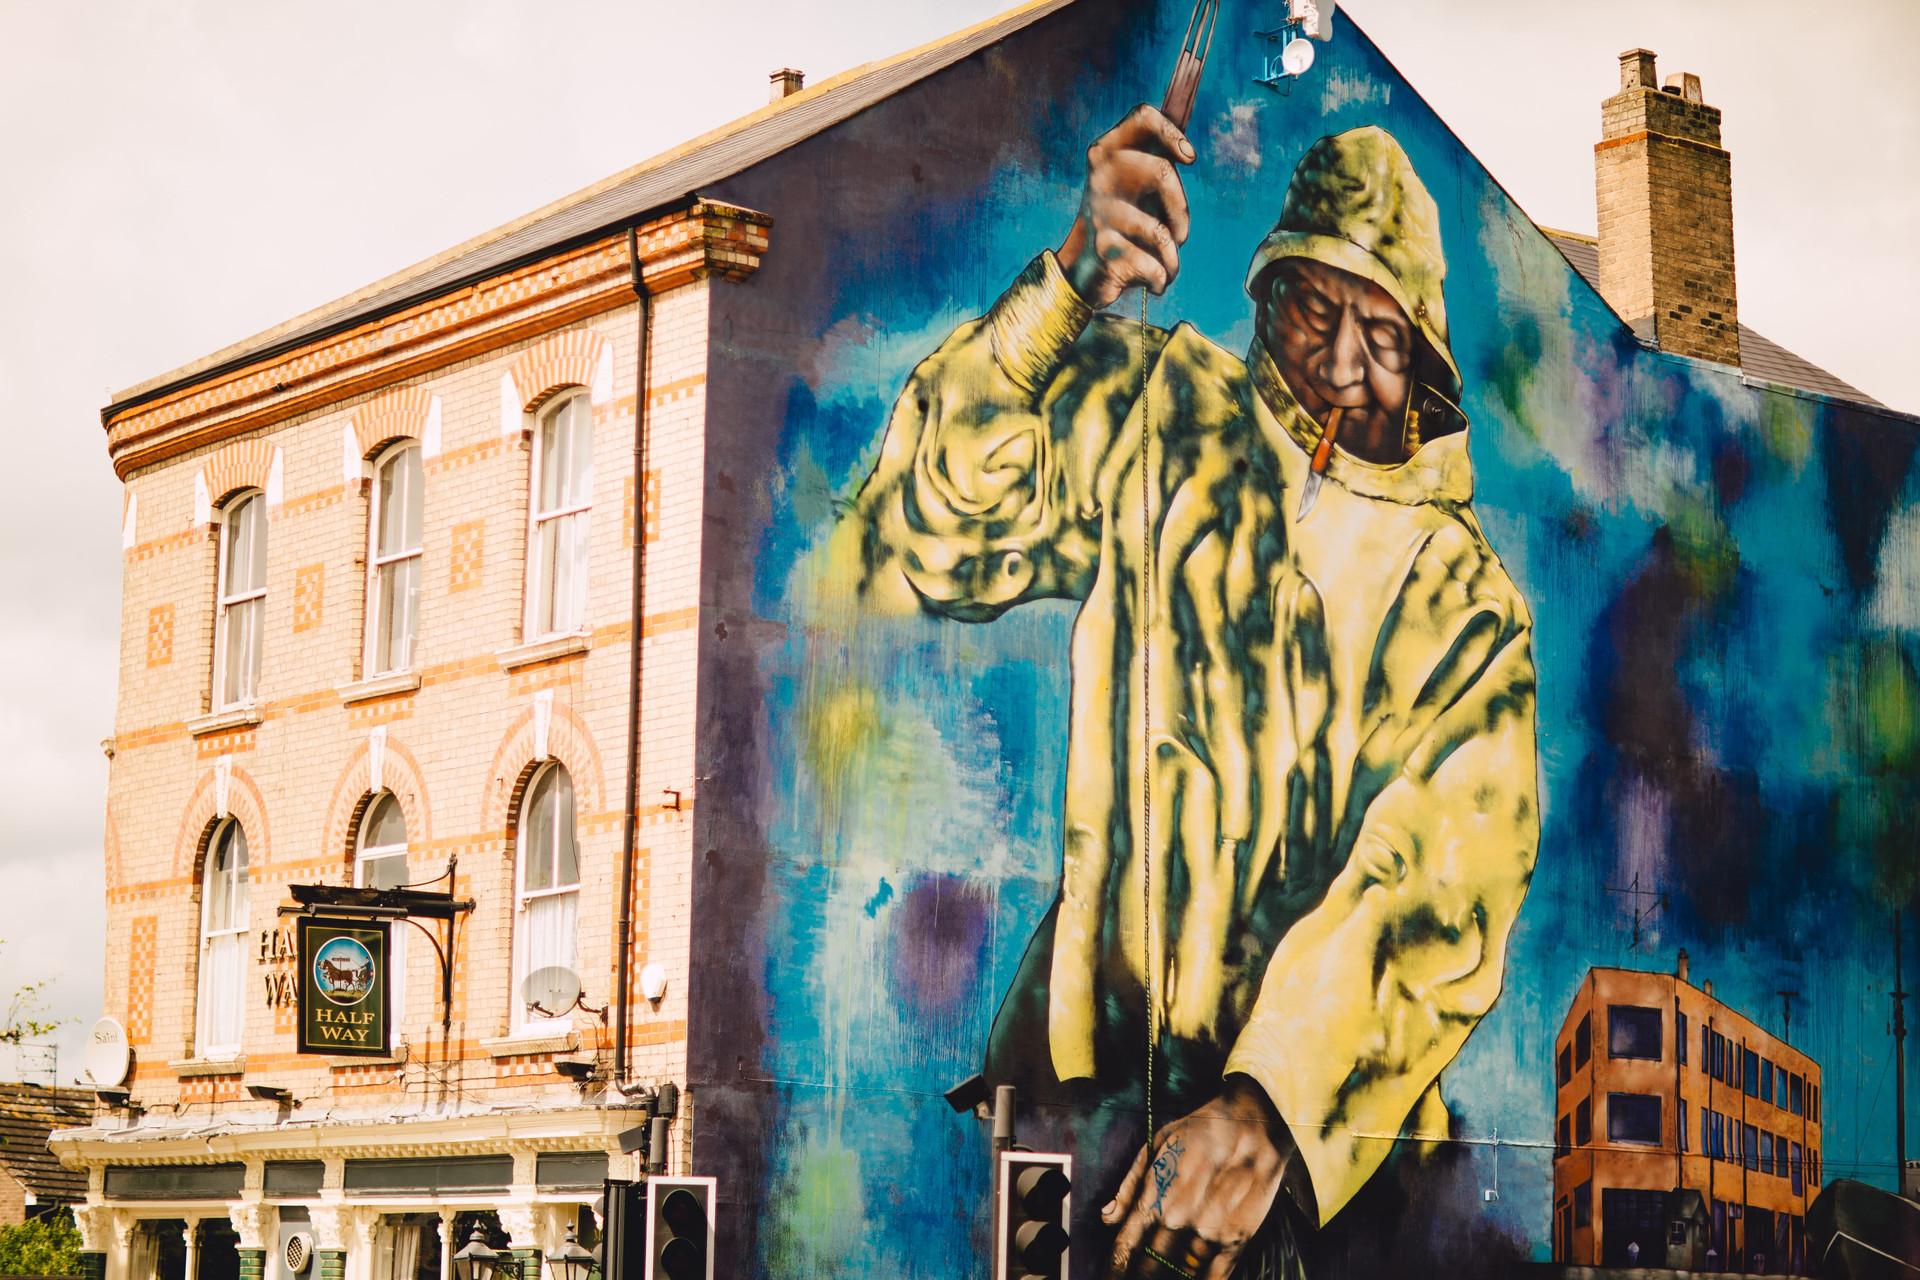 Hessle Road Murals, Hull